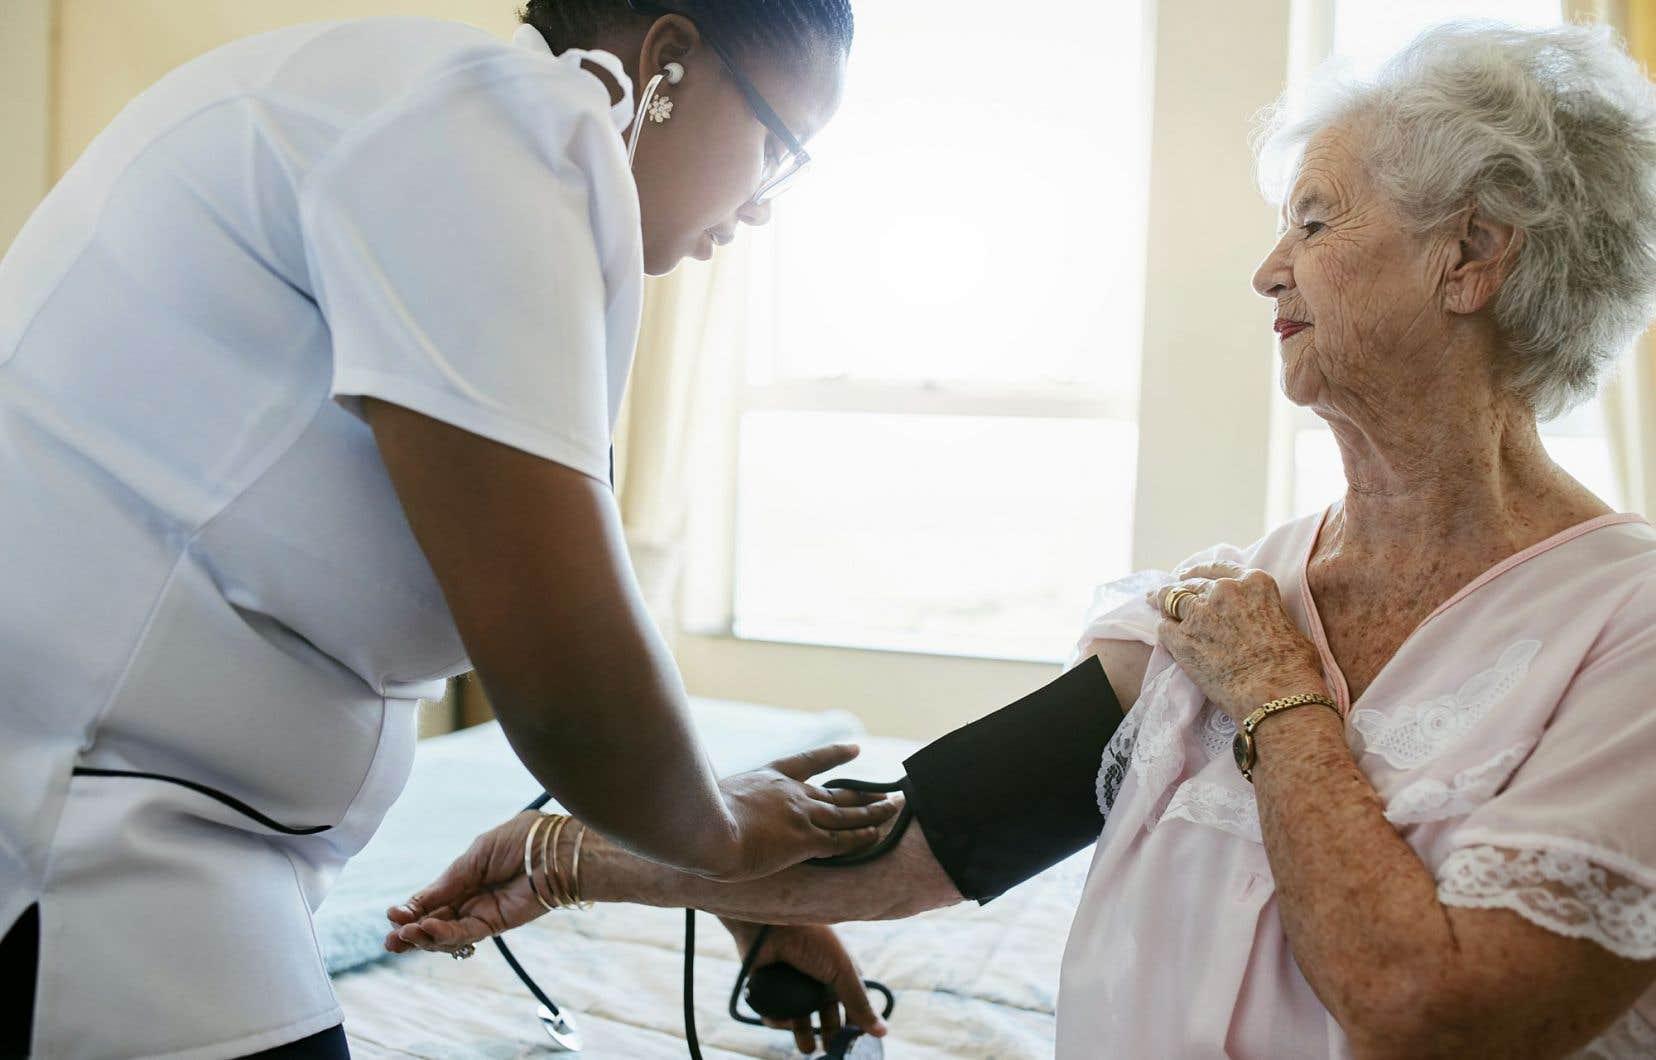 Le ministère de la Santé et des Services sociaux a transmis des cibles de formation des IPS qui placent l'atteinte de formation de 2000 d'entre elles à 2025.